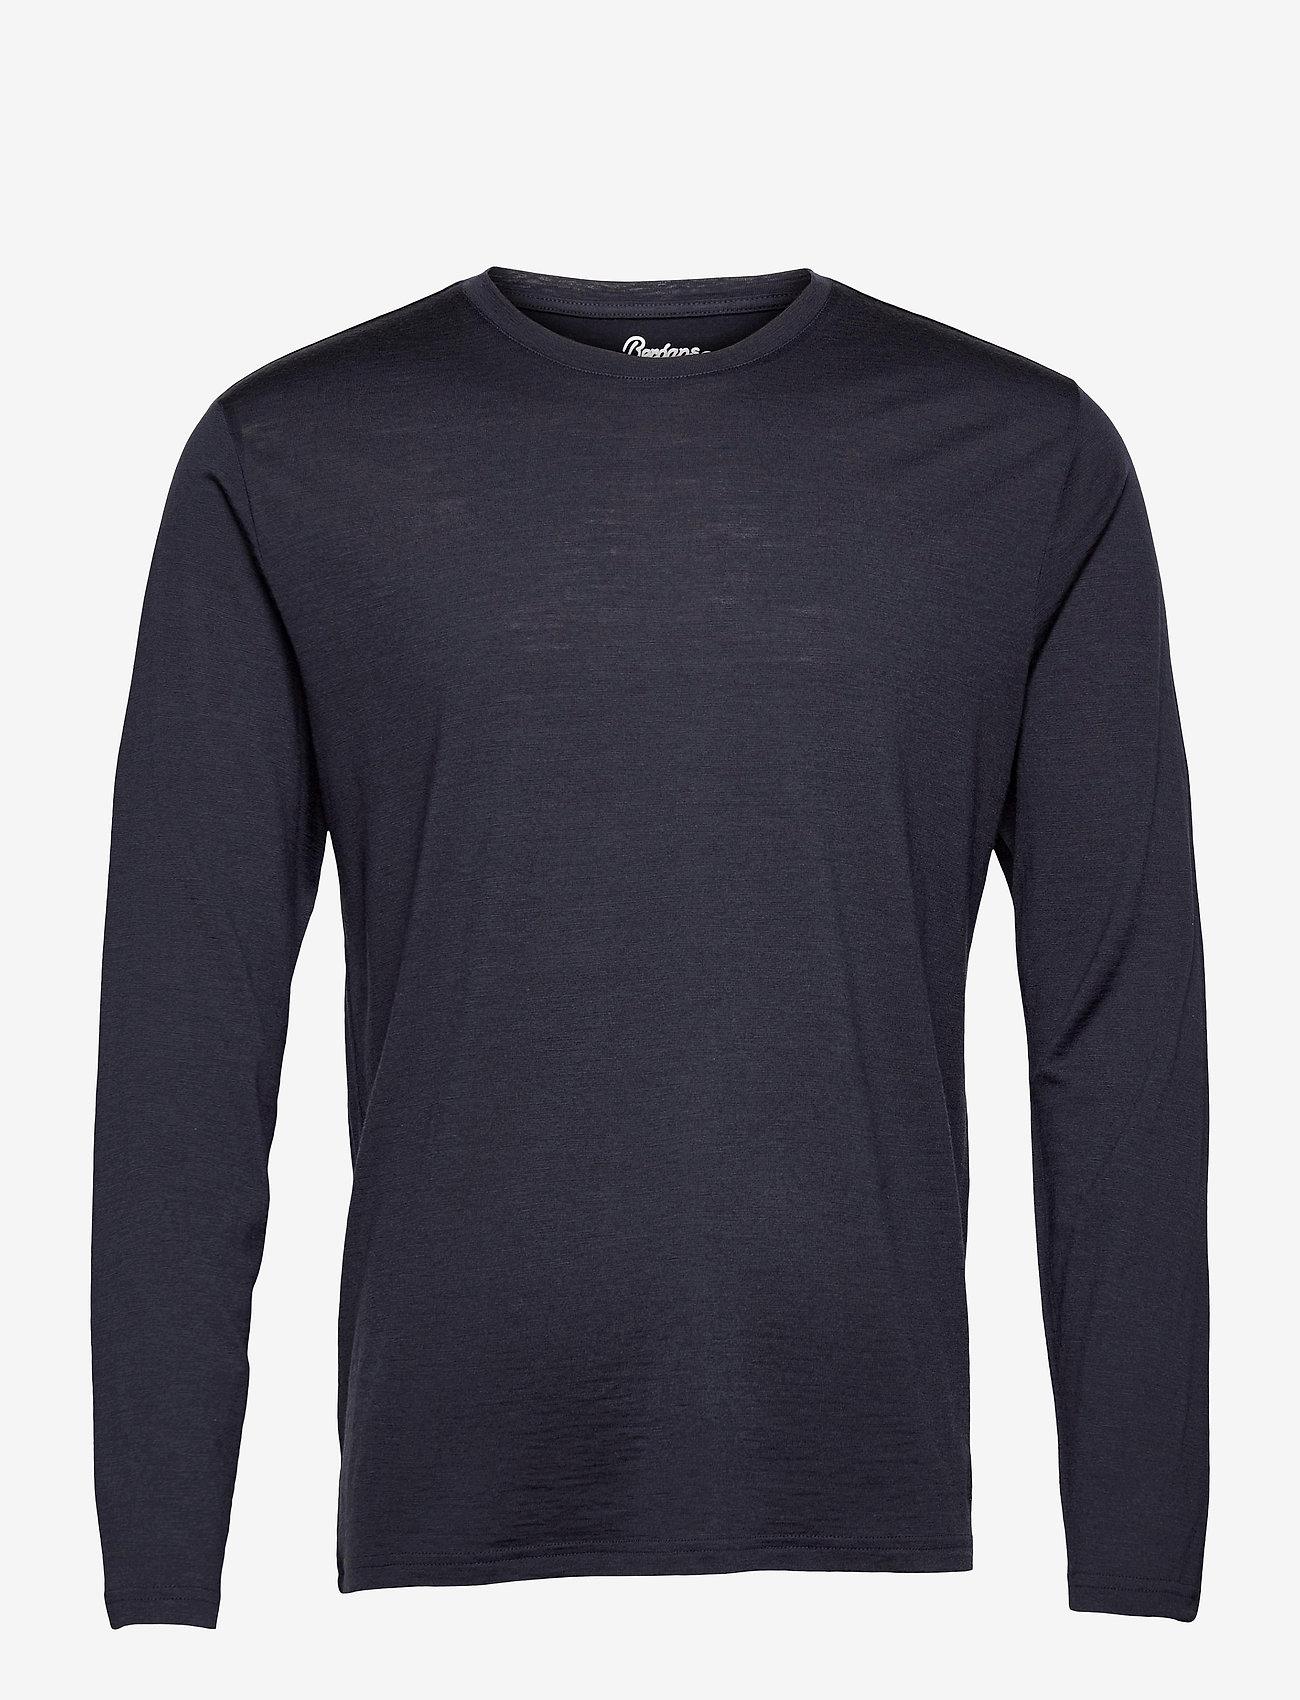 Bergans - Oslo Wool Long Sleeve - top met lange mouwen - dark navy - 0